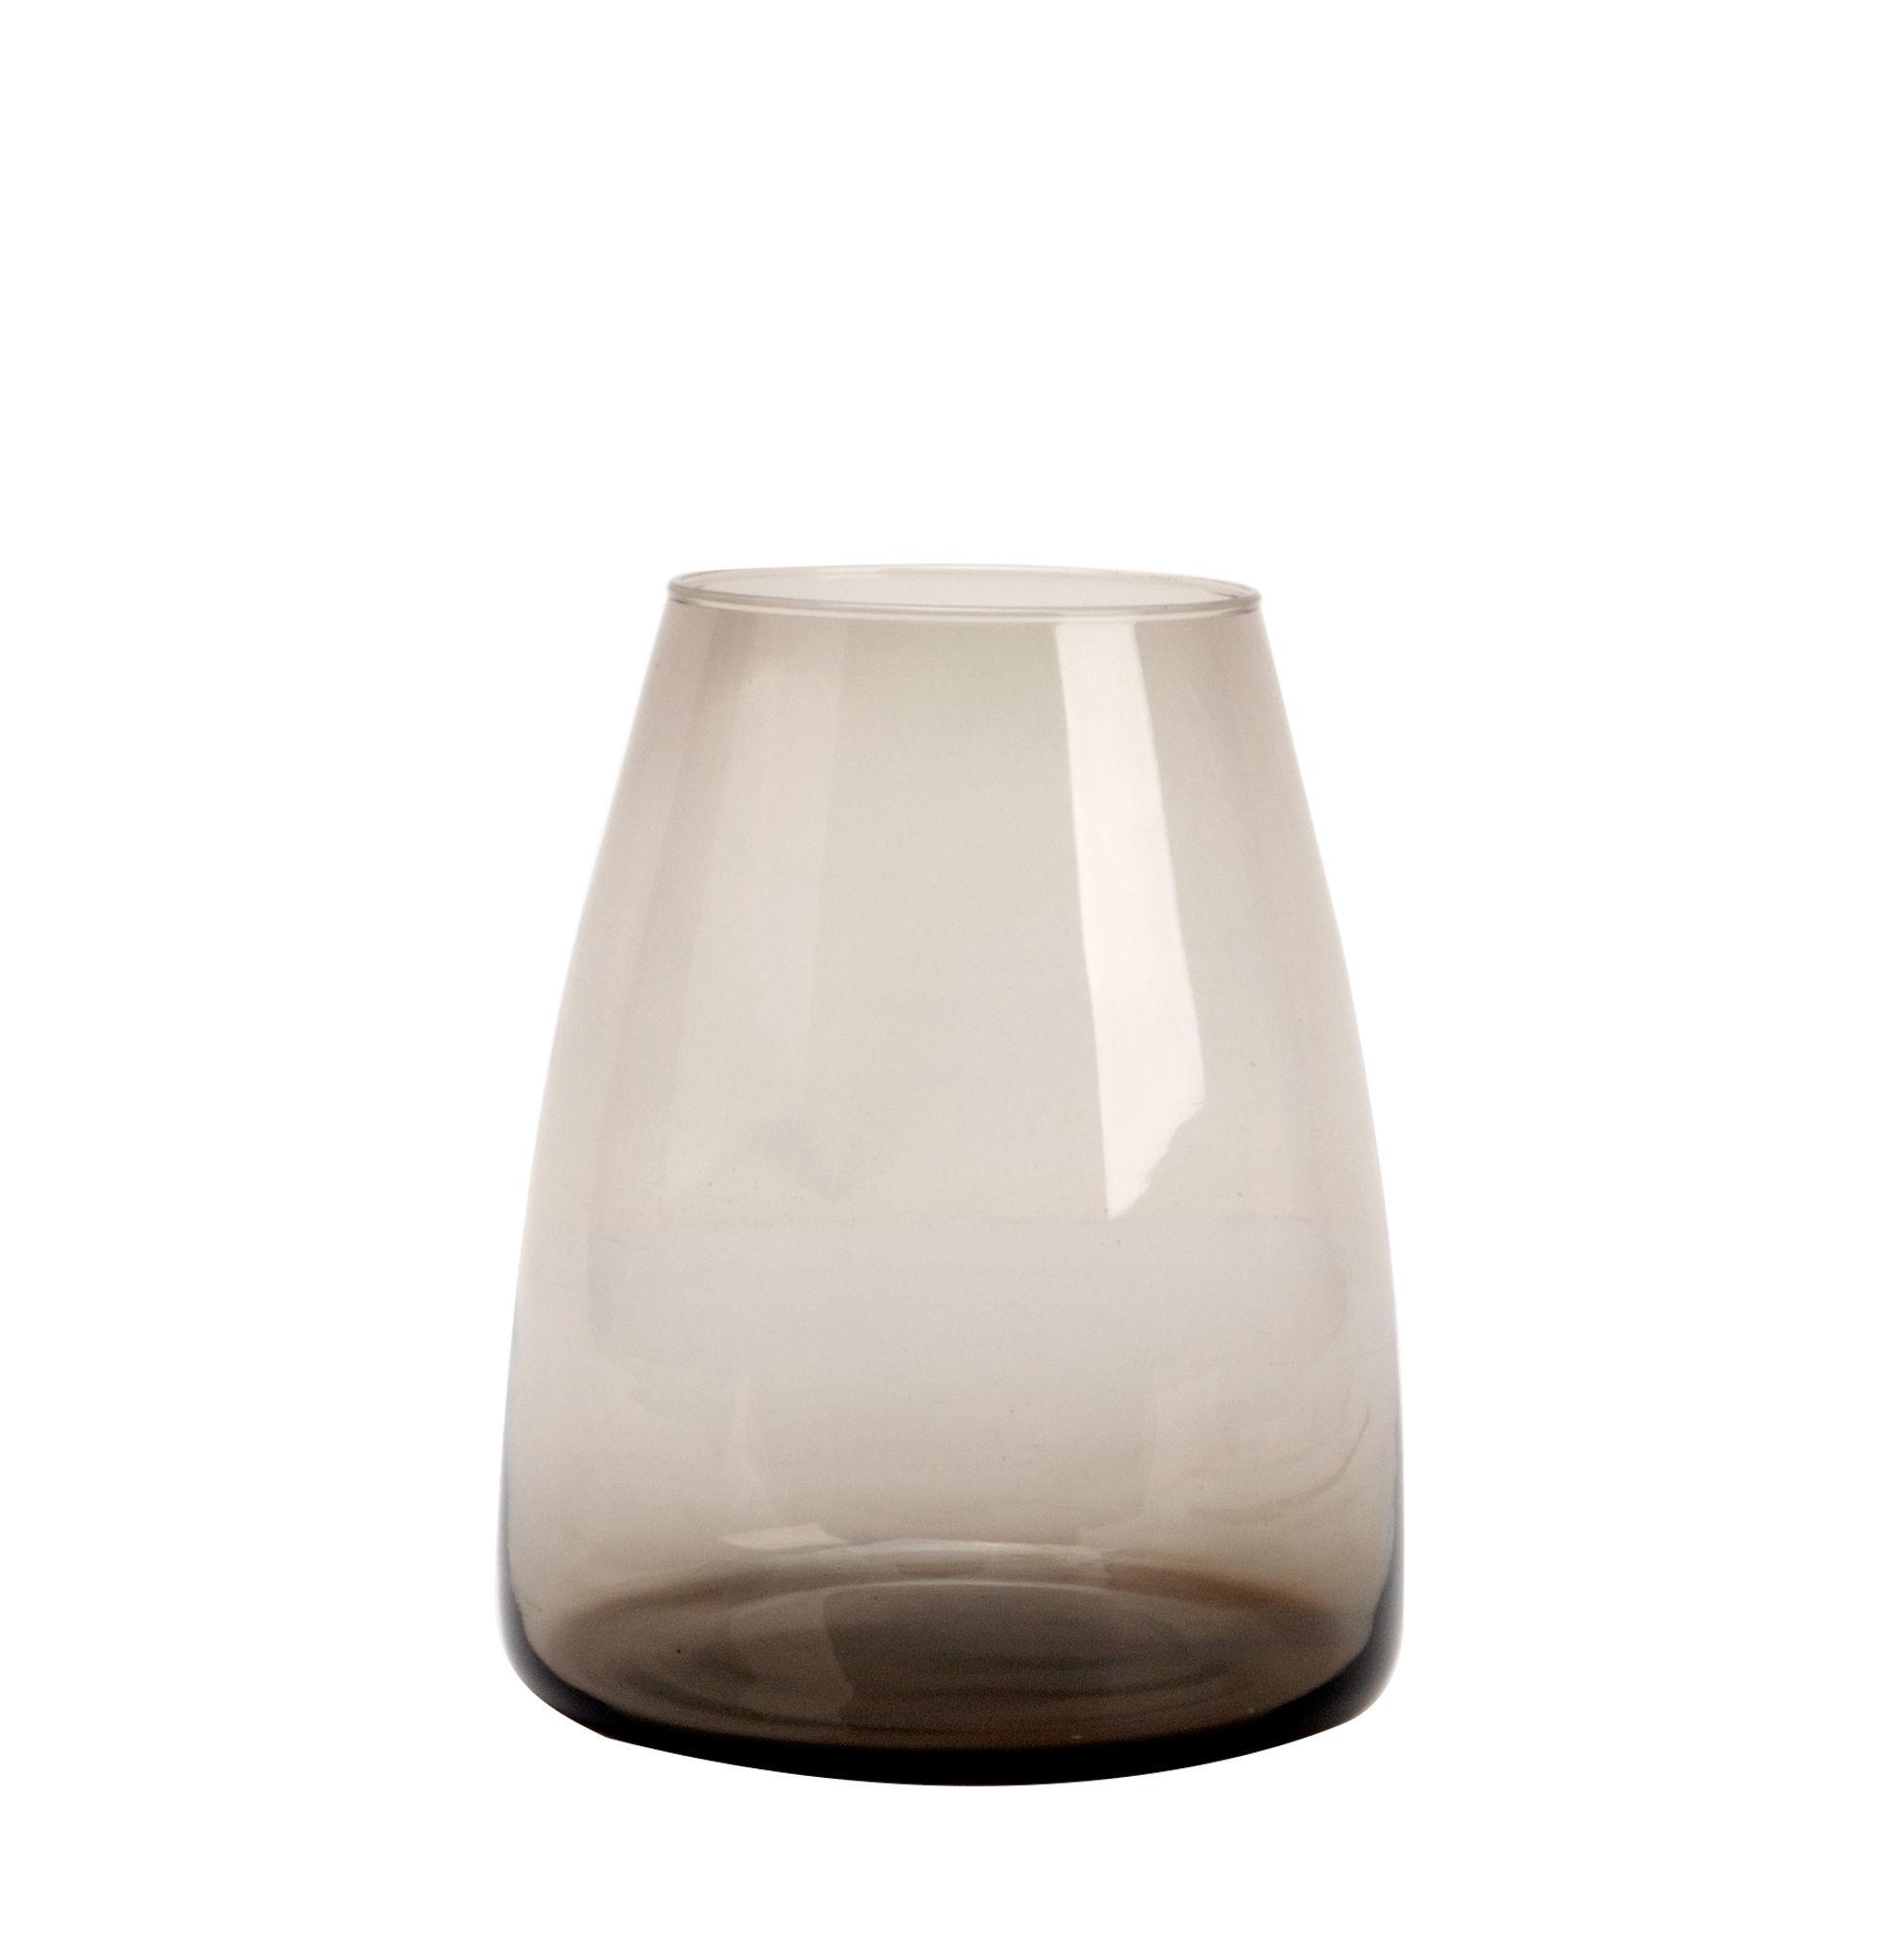 Déco - Vases - Vase Dim / Vase - Ø 18 x H 22 cm - XL Boom - Medium / Transparent - Verre soufflé bouche